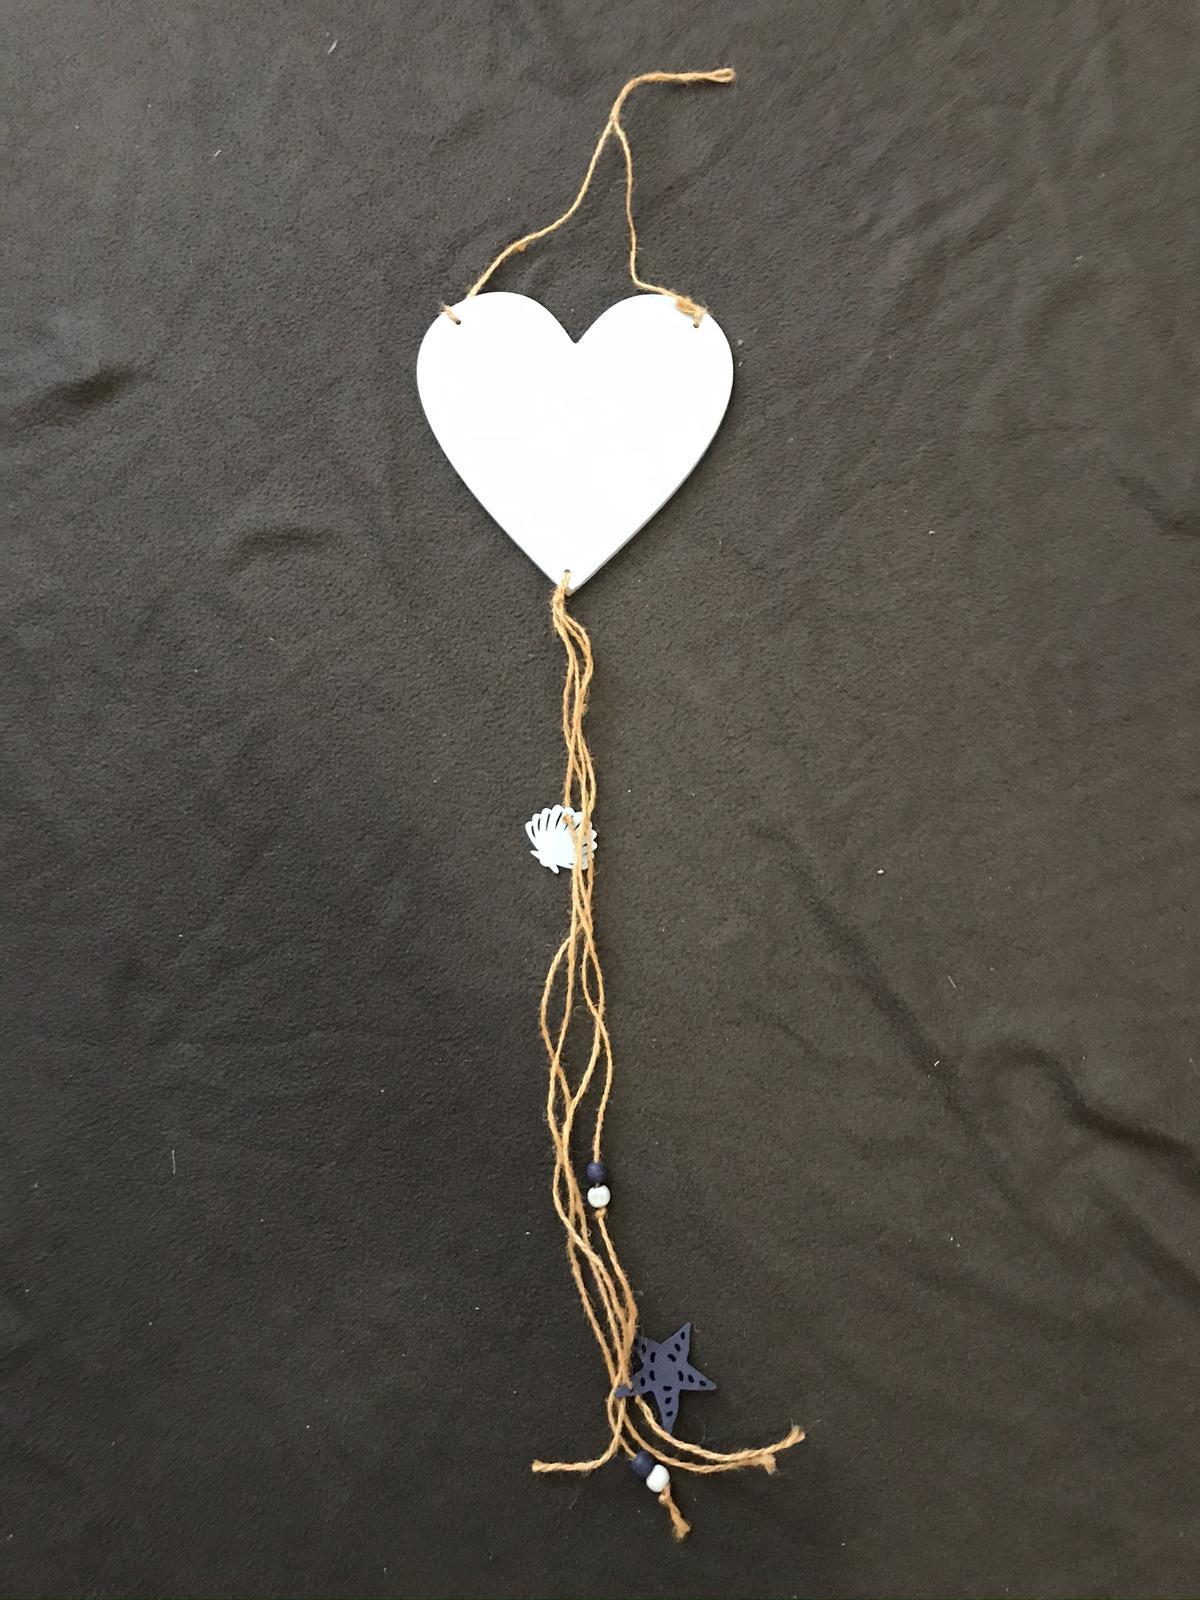 Zavěsitelné dřevěné modré srdce s motivy moře - Obrázek č. 1